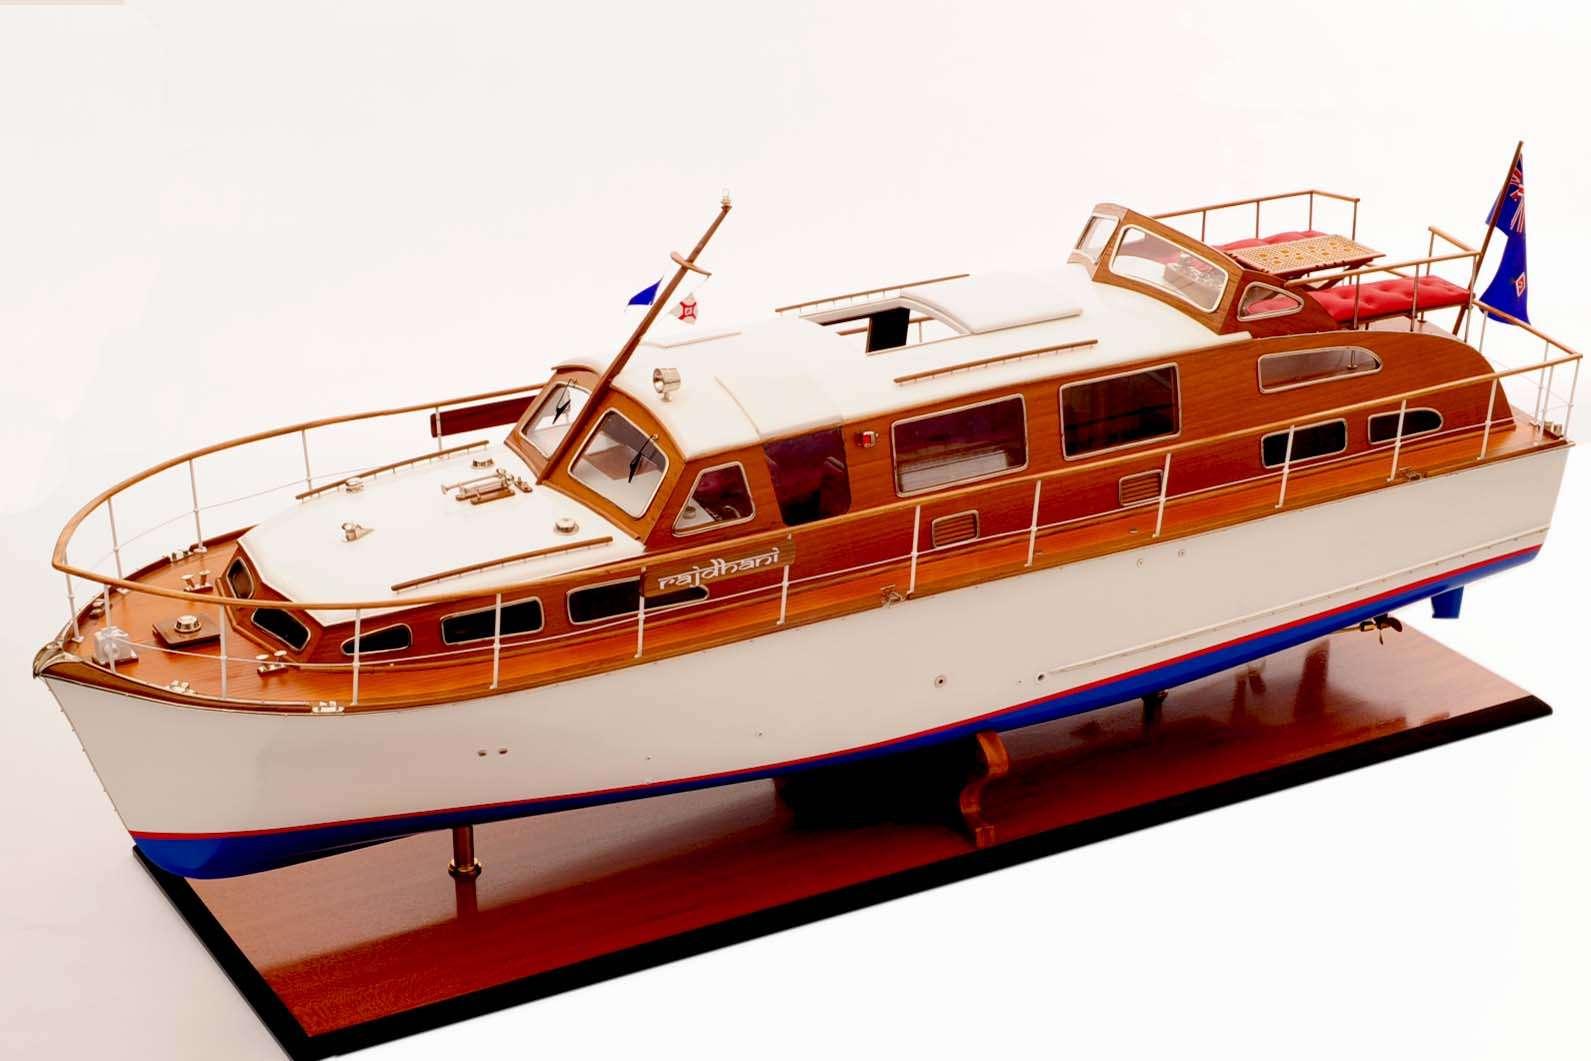 1473-4398-Starcraft-40-Model-Boat-Rajdhani